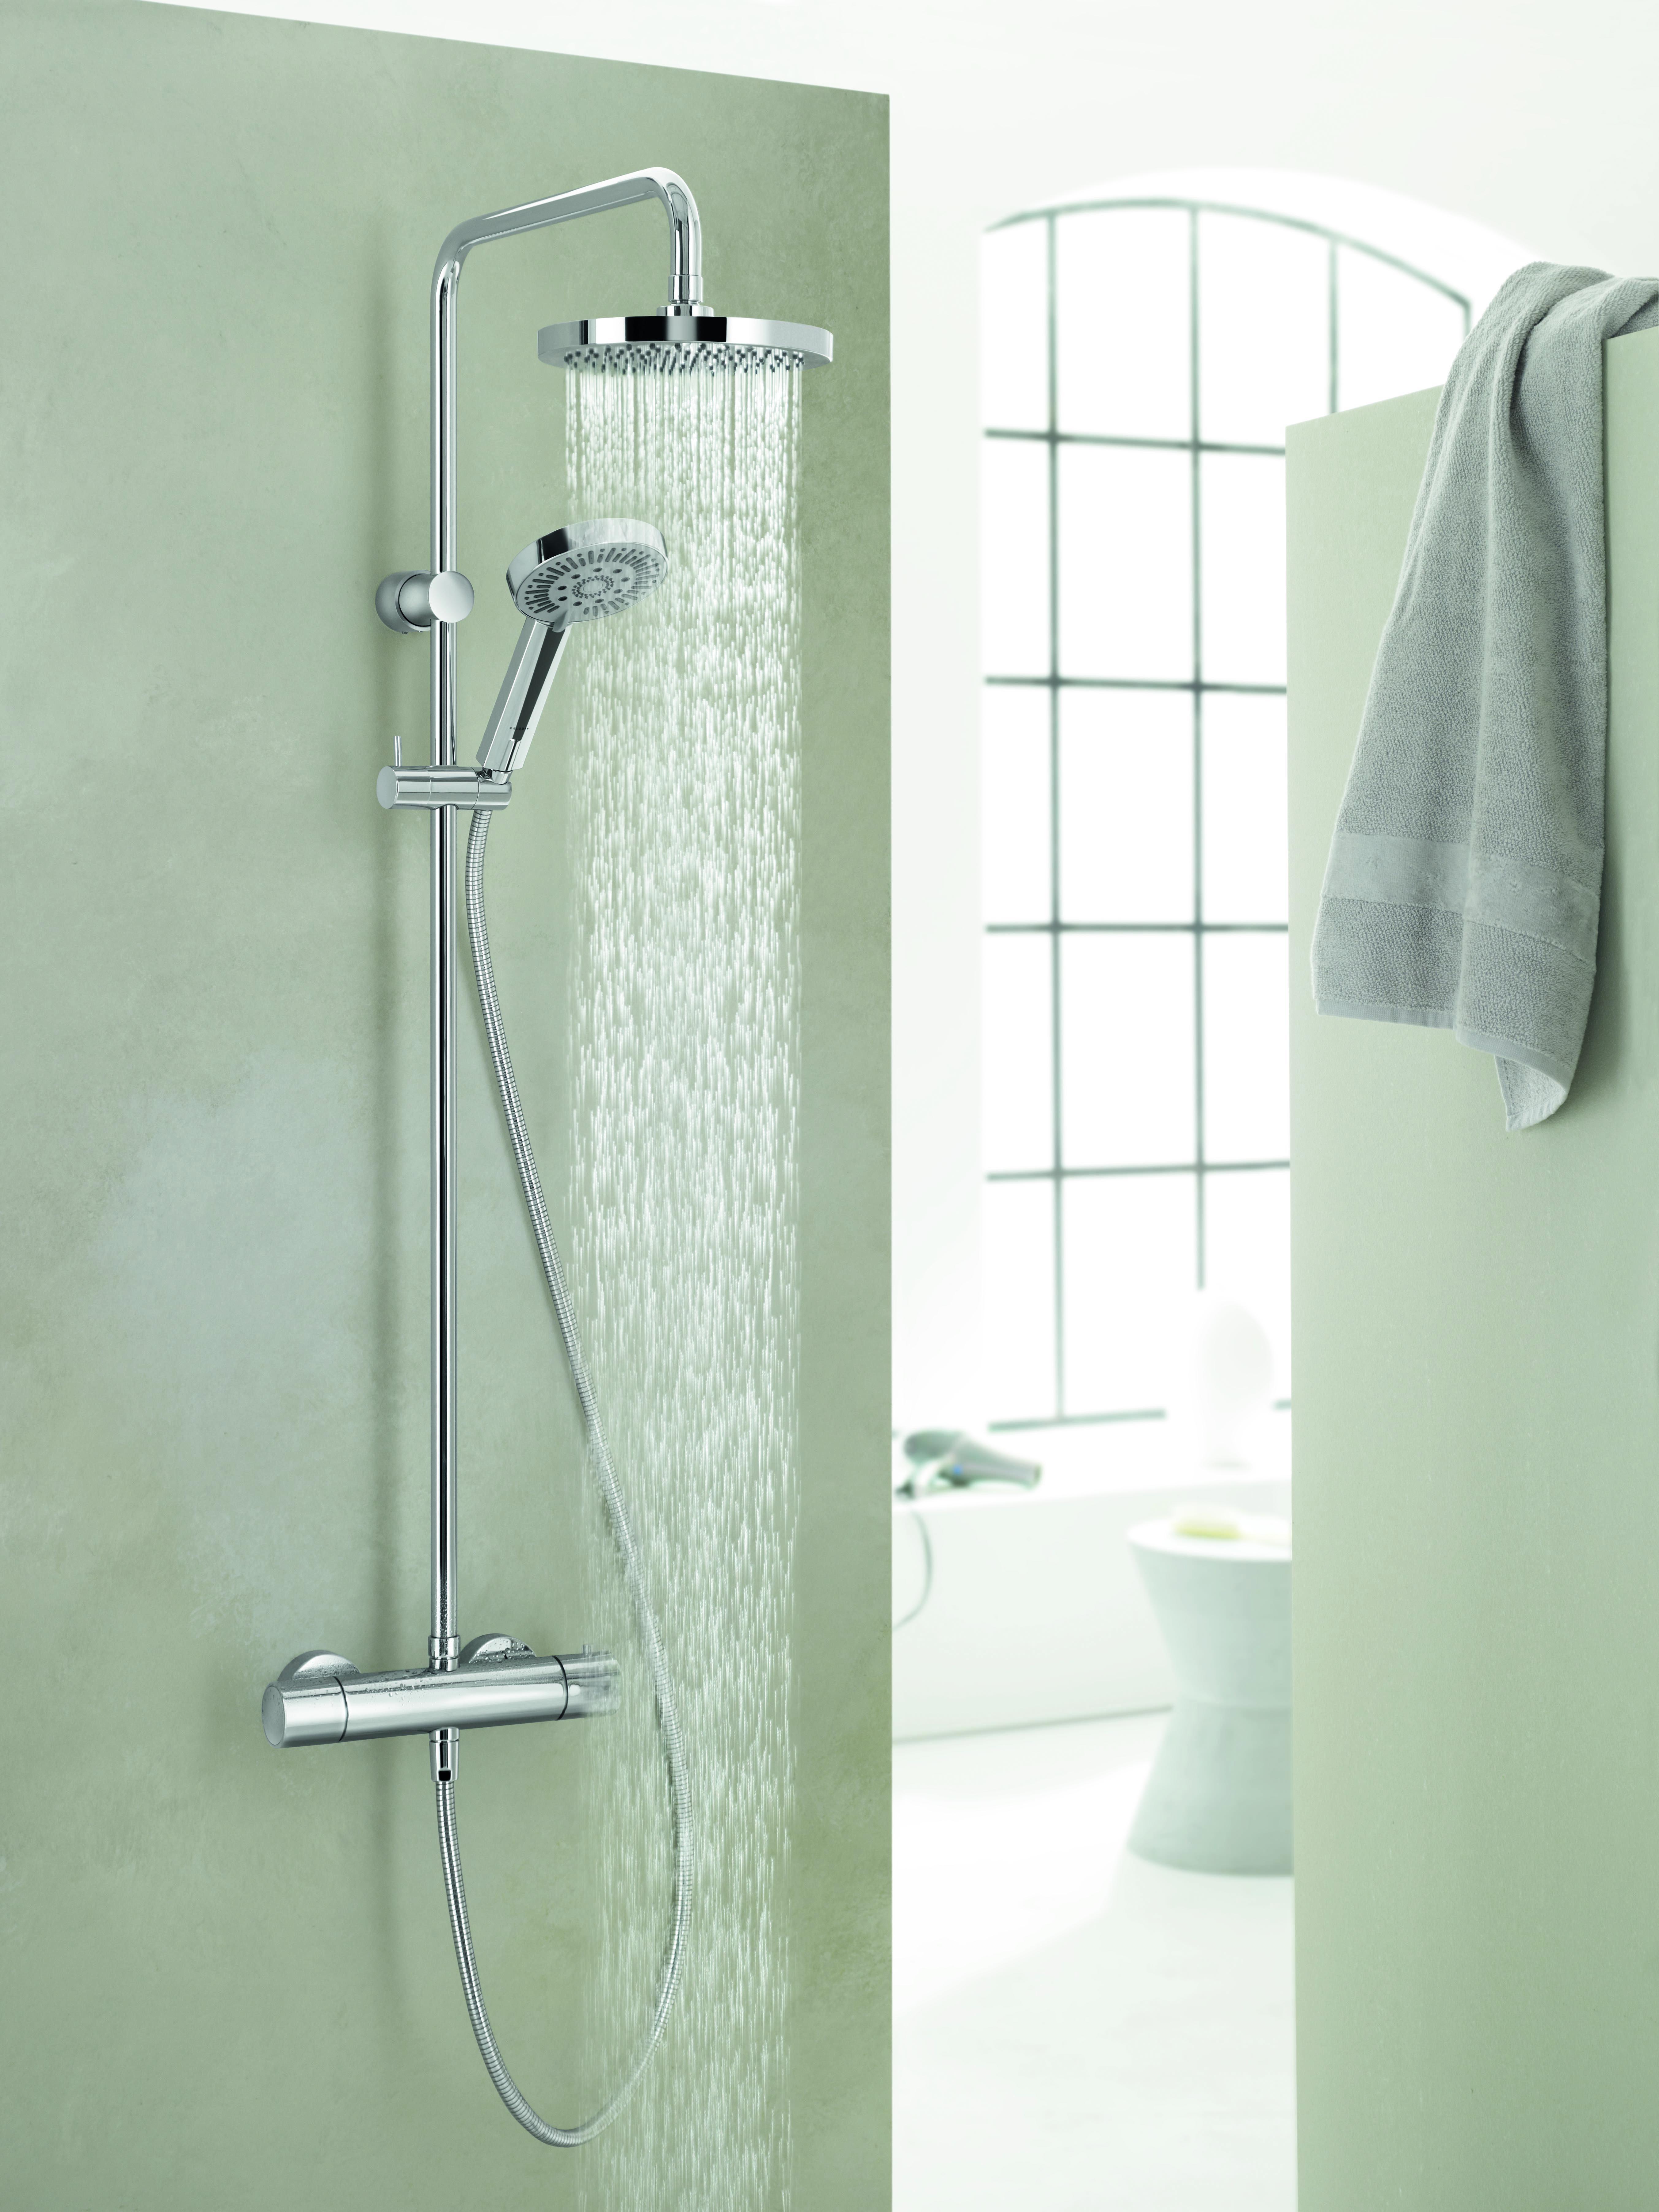 Kludi Thermostat Dual Shower System Dual Verwijst Naar De